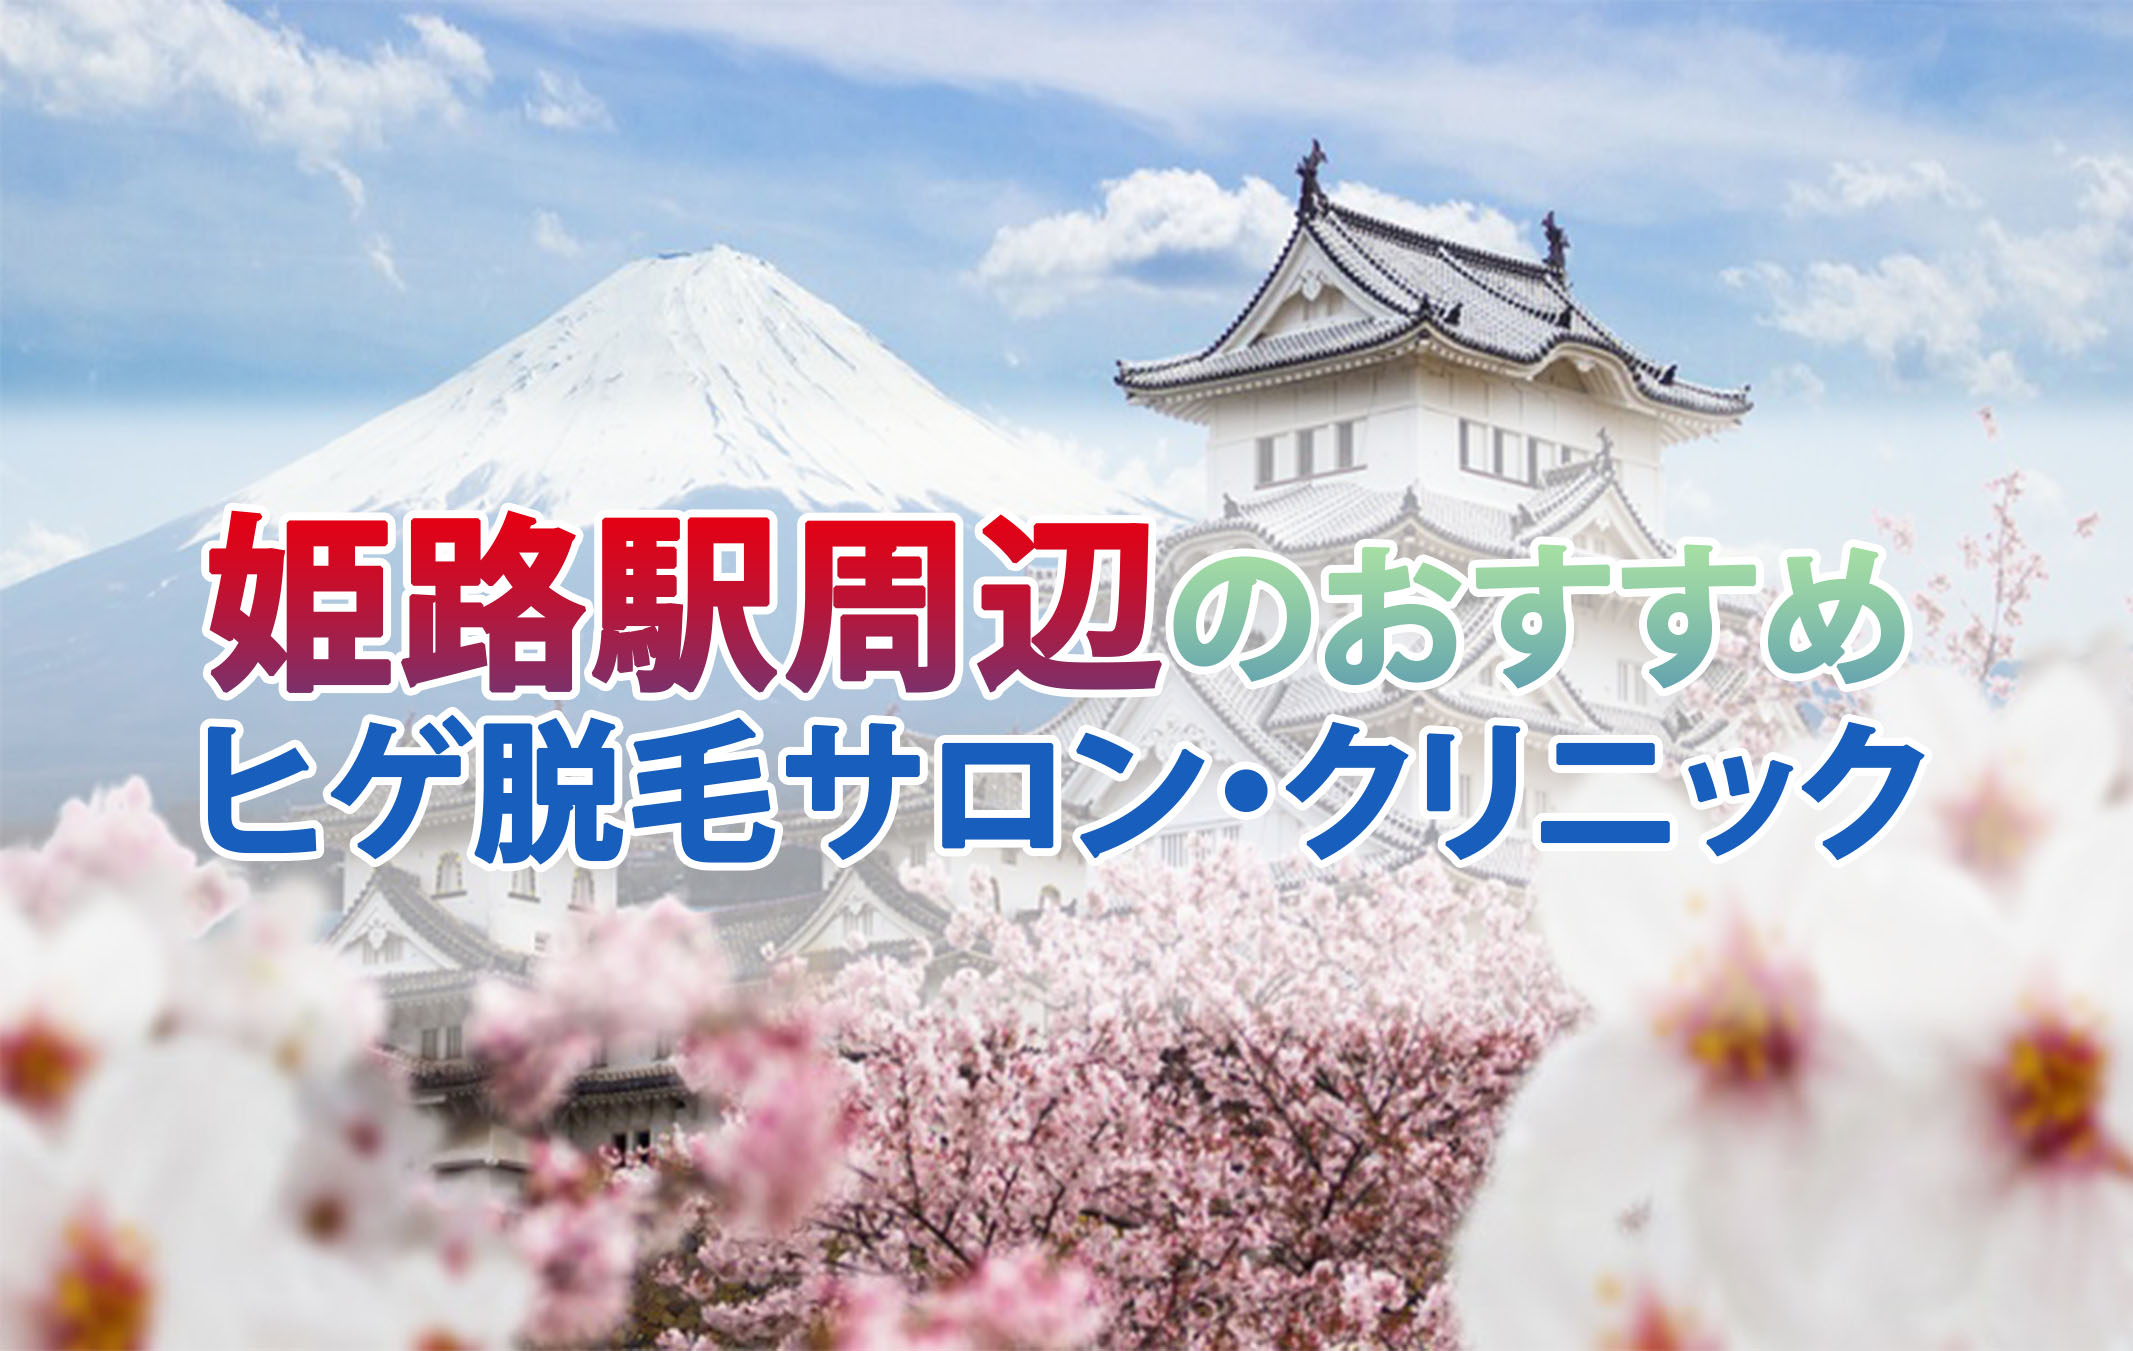 姫路駅周辺のおすすめヒゲ脱毛サロン・クリニック